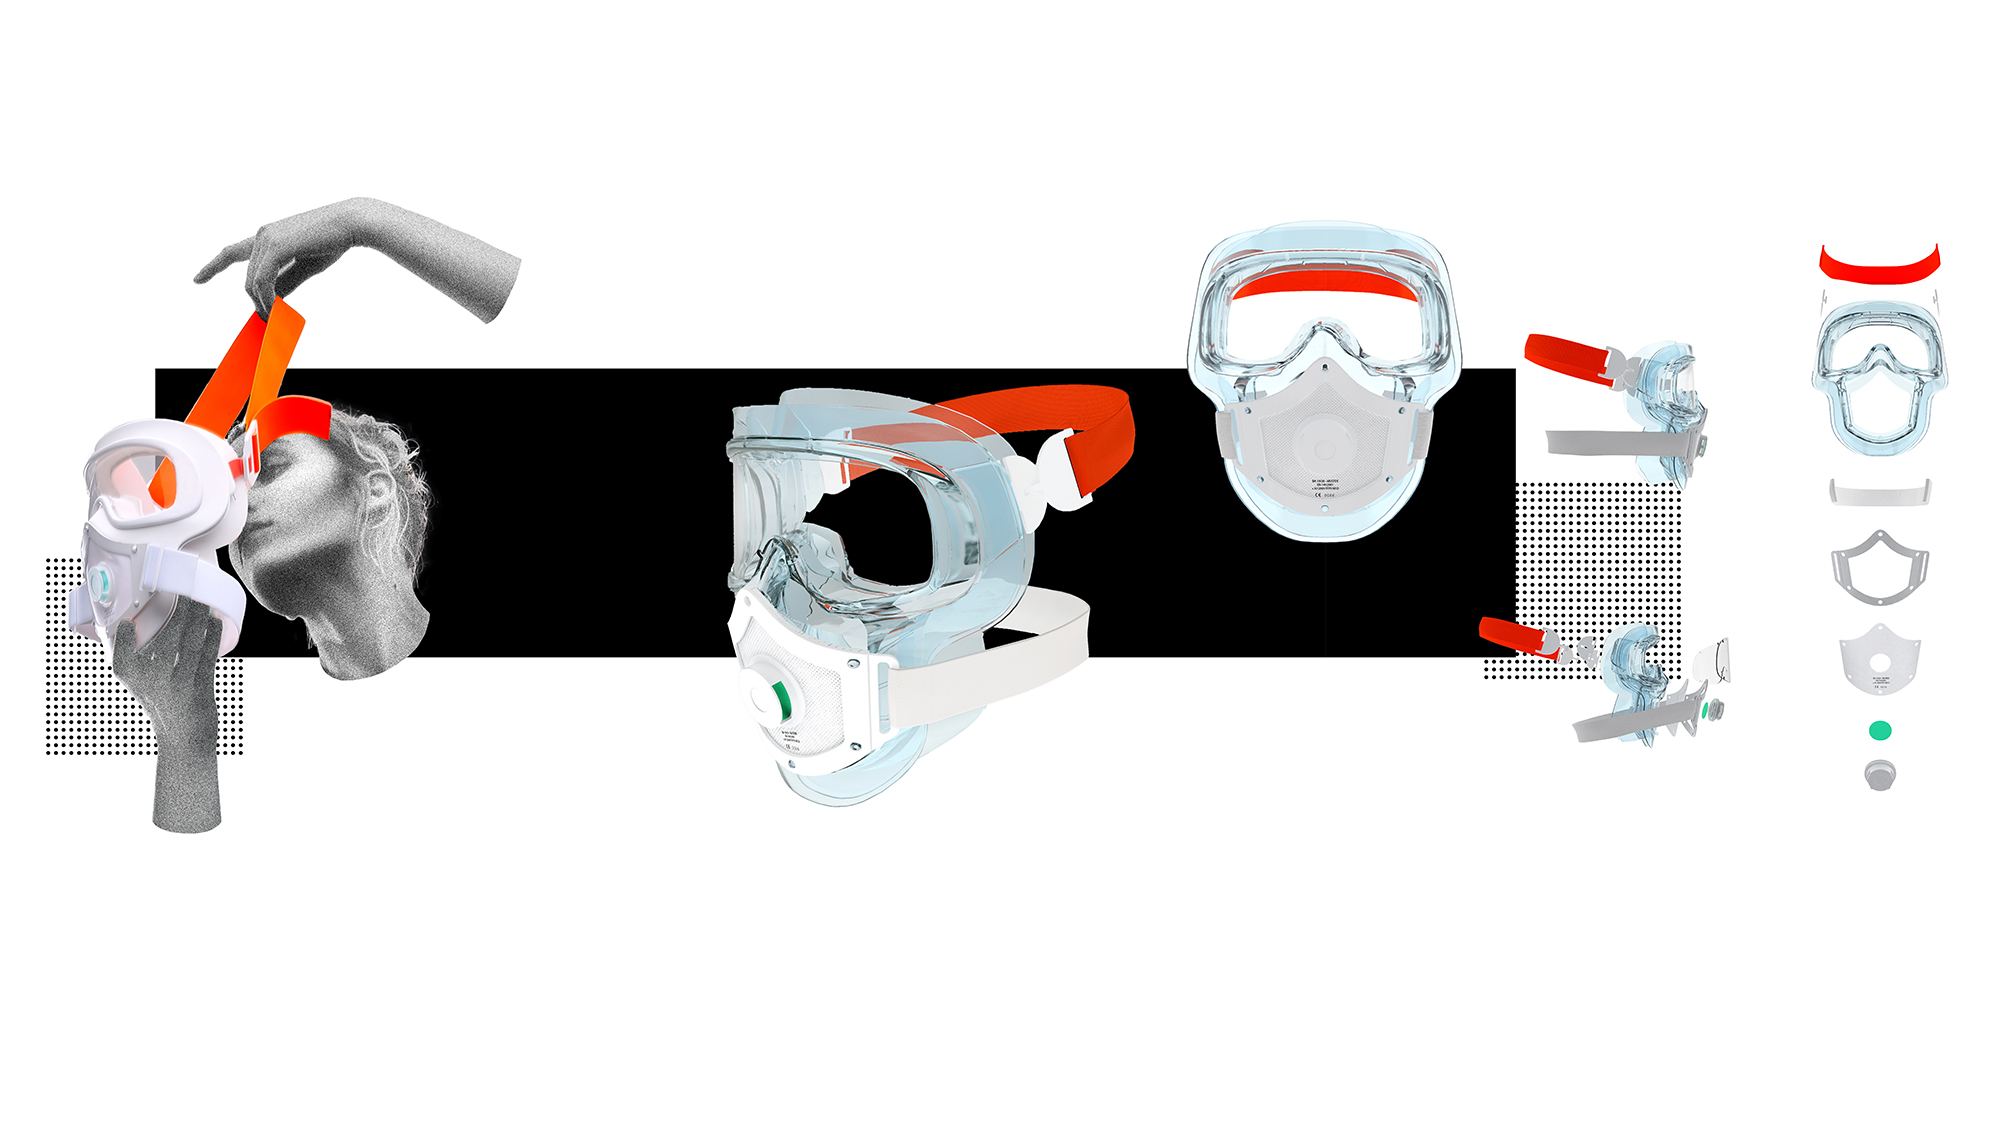 Persönliche Schutzausrüstung optimiert / Personal protective equipment optimized